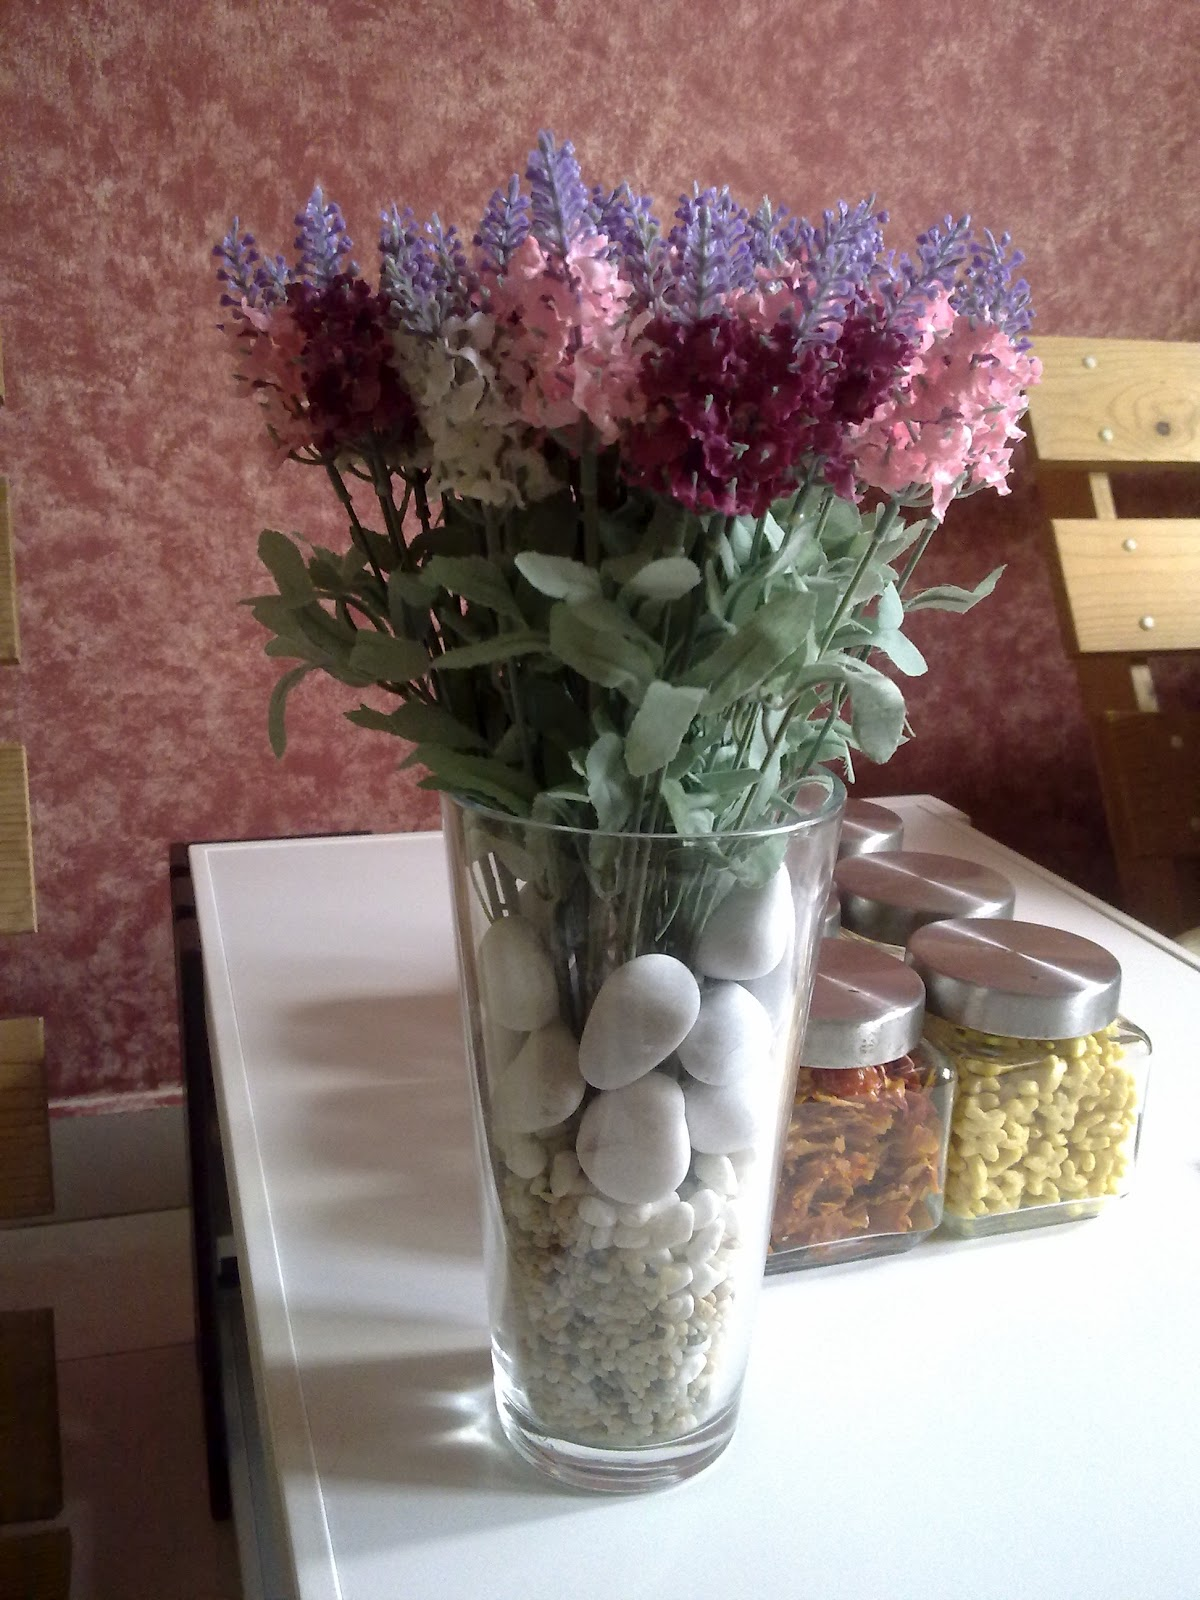 Saya Gabungkan Lavender Dari 3 Warna Dark Pink Soft White Di Letn Dalam Pasu Jernih Dan Dalamnya Batu Putih 2 Saiz Berbeza